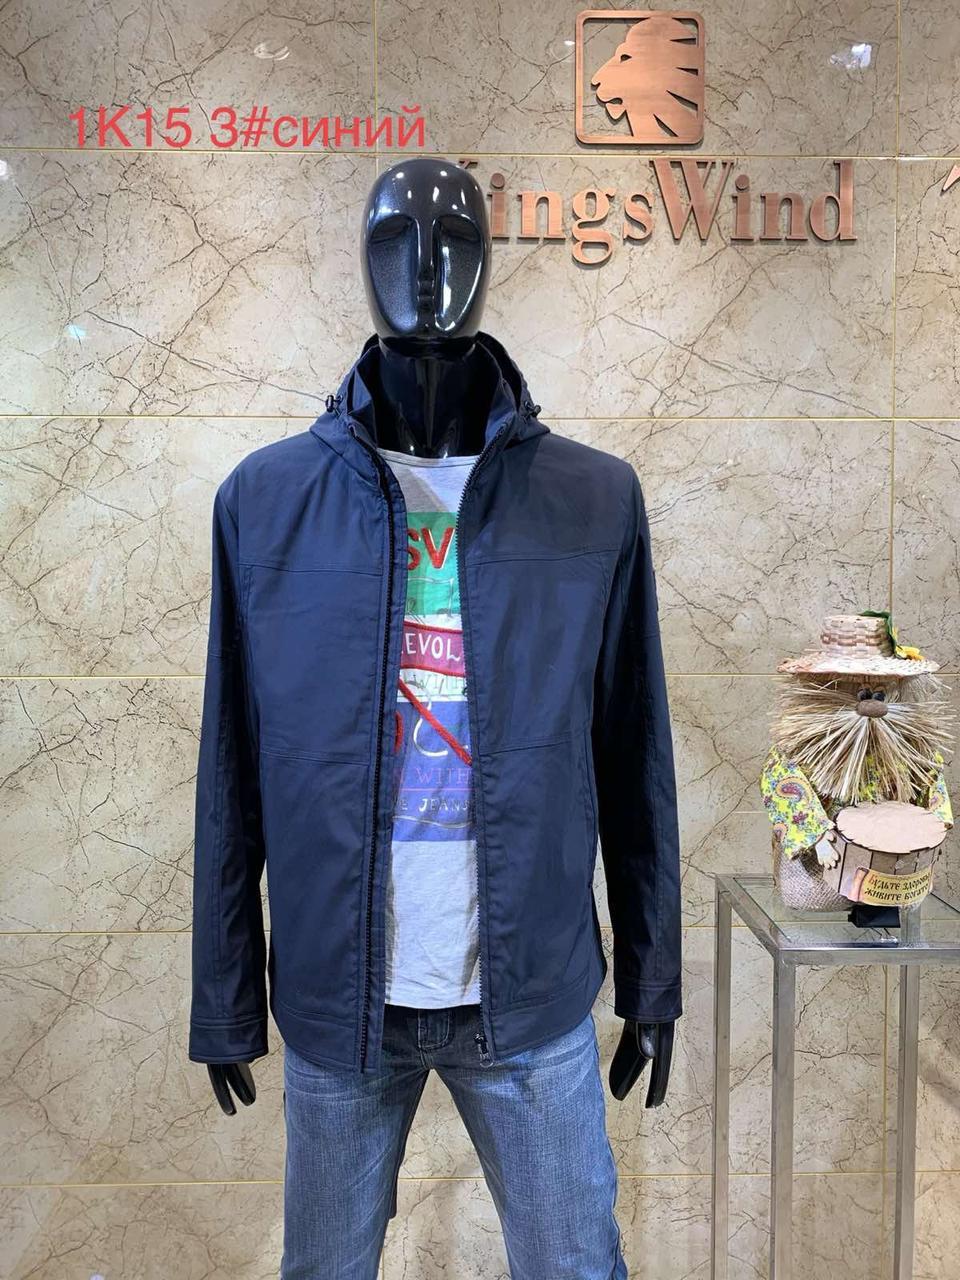 Весенняя мужская куртка Kings Wind 1K15